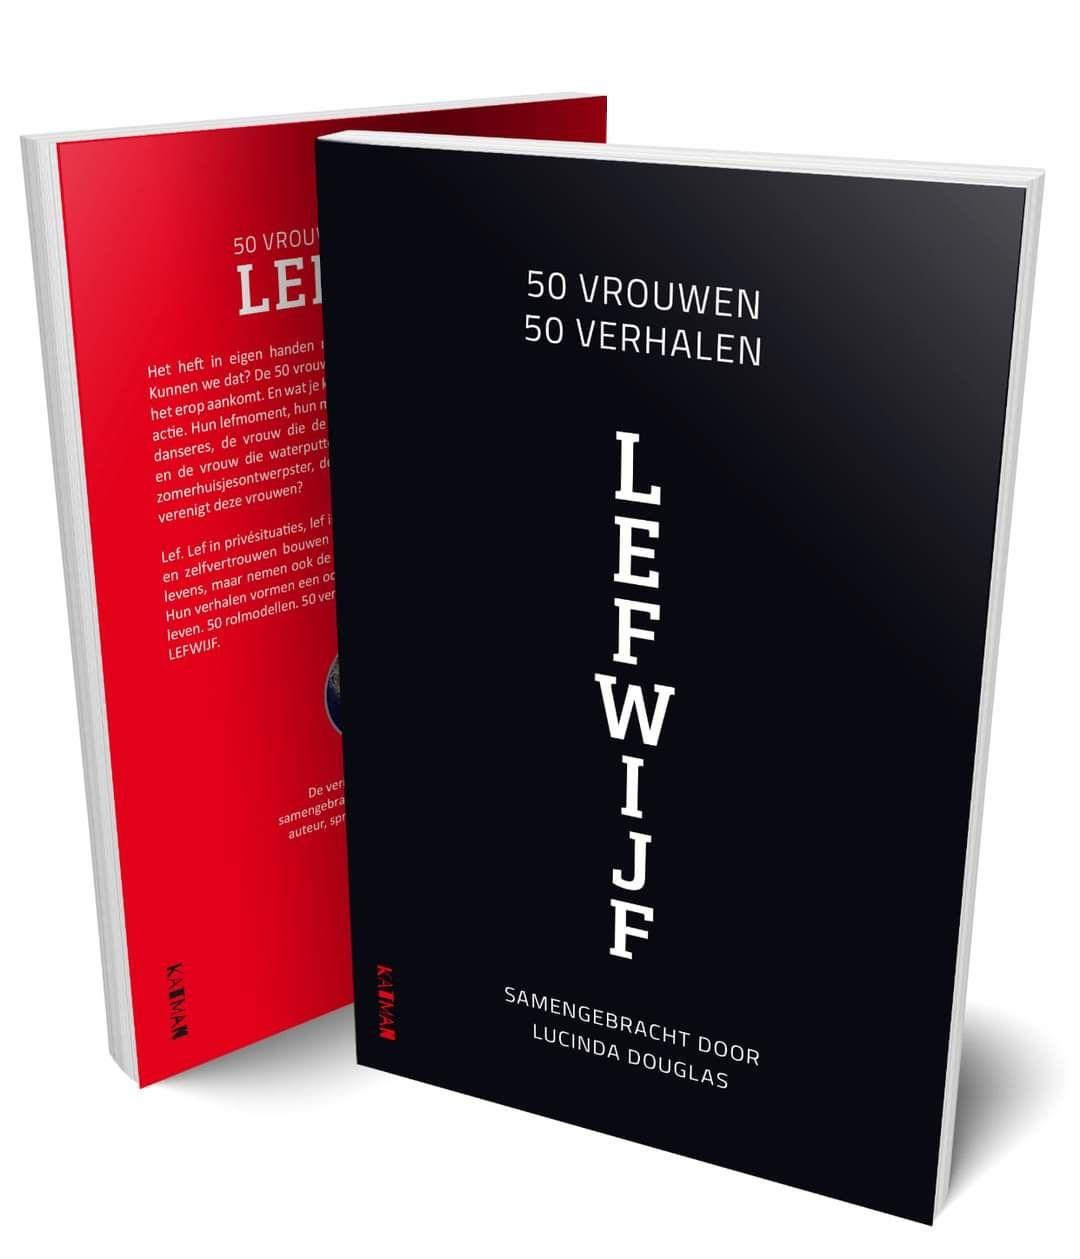 Bestel hier het boek 'LEFwijf'  met 50 verhalen